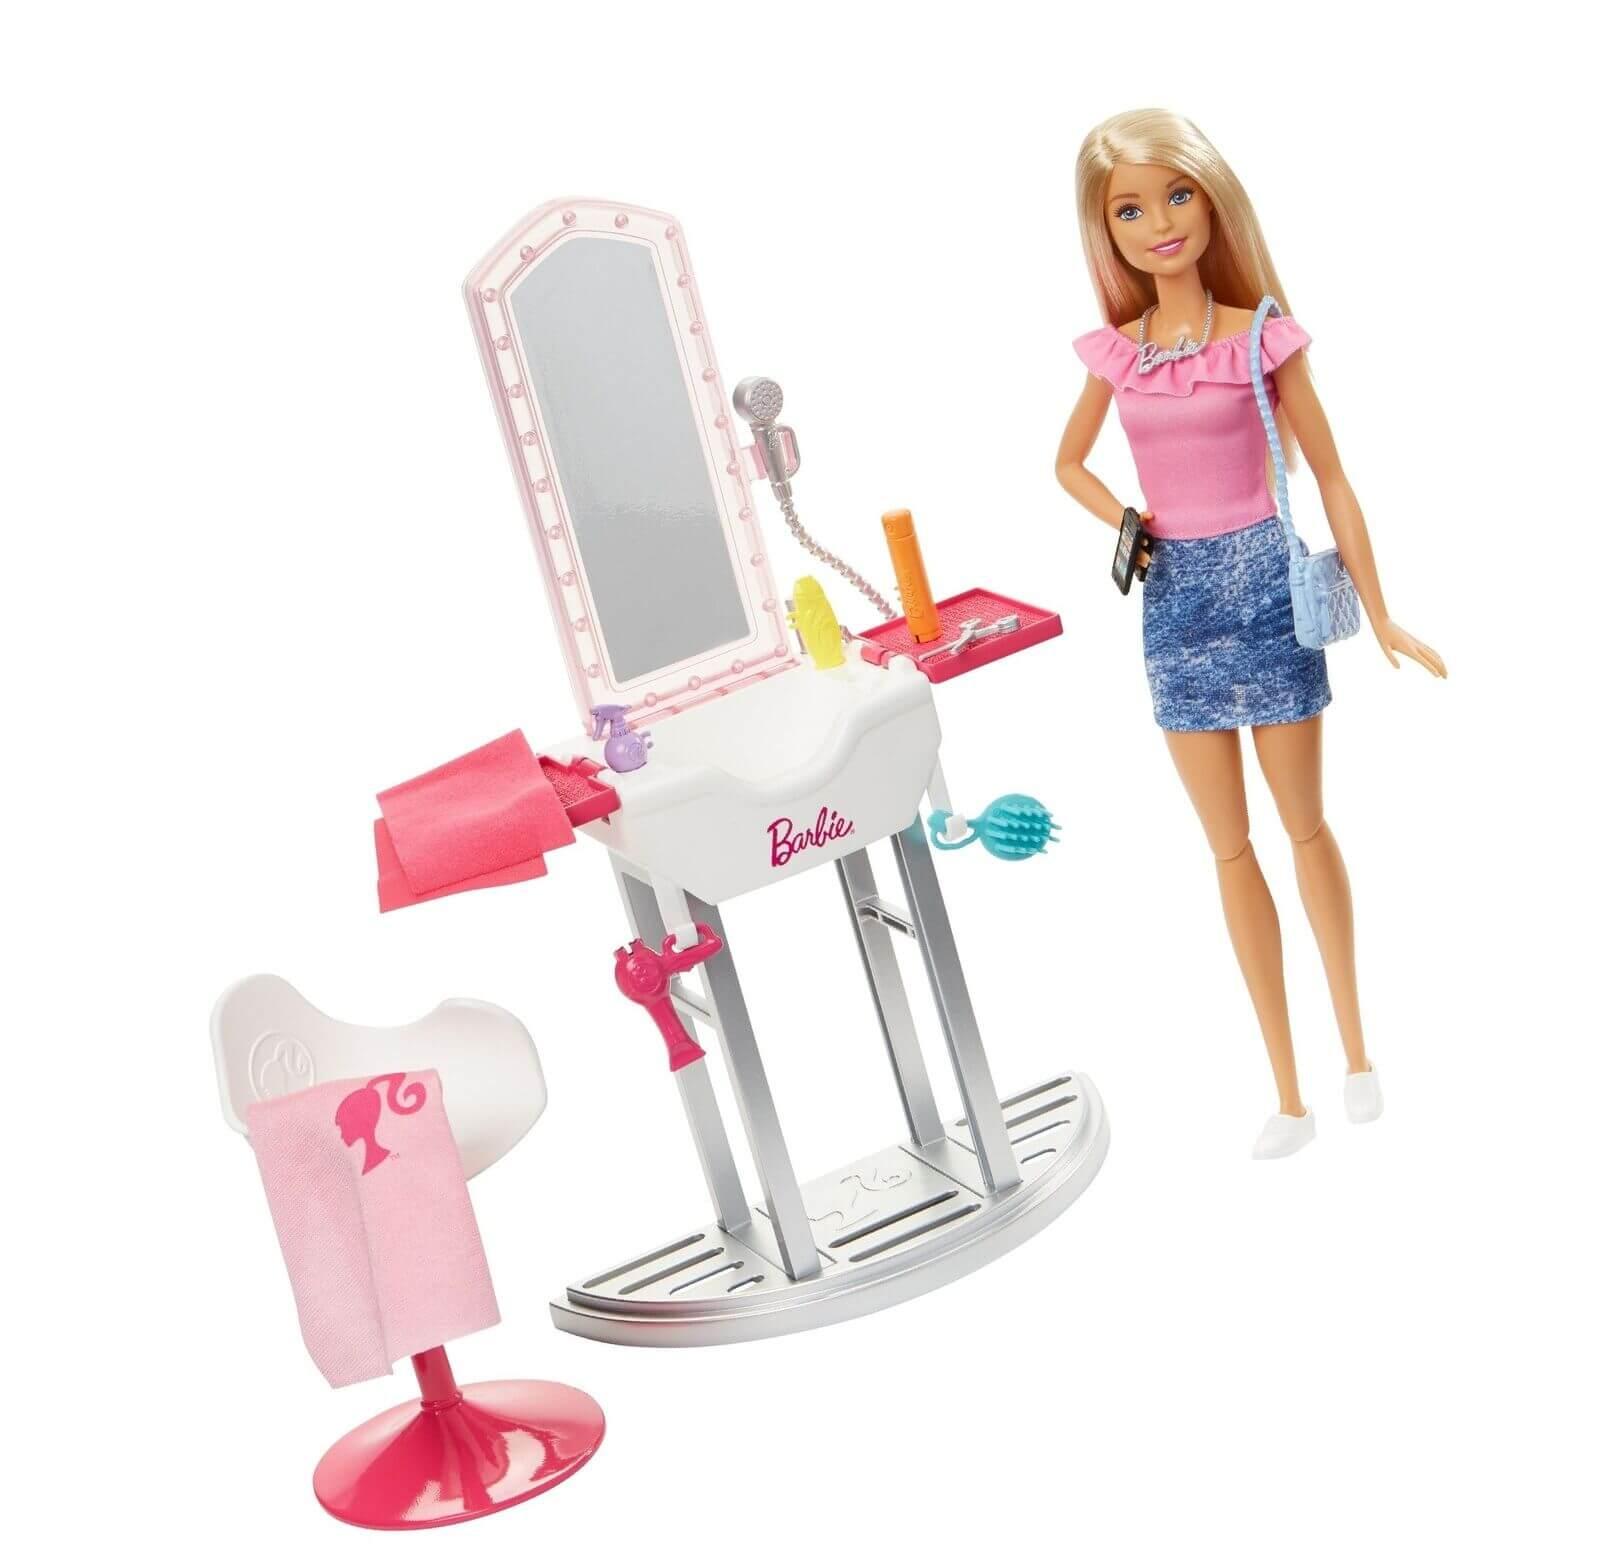 Boneca Barbie Real Com Móveis E Acessórios DVX51 Mattel